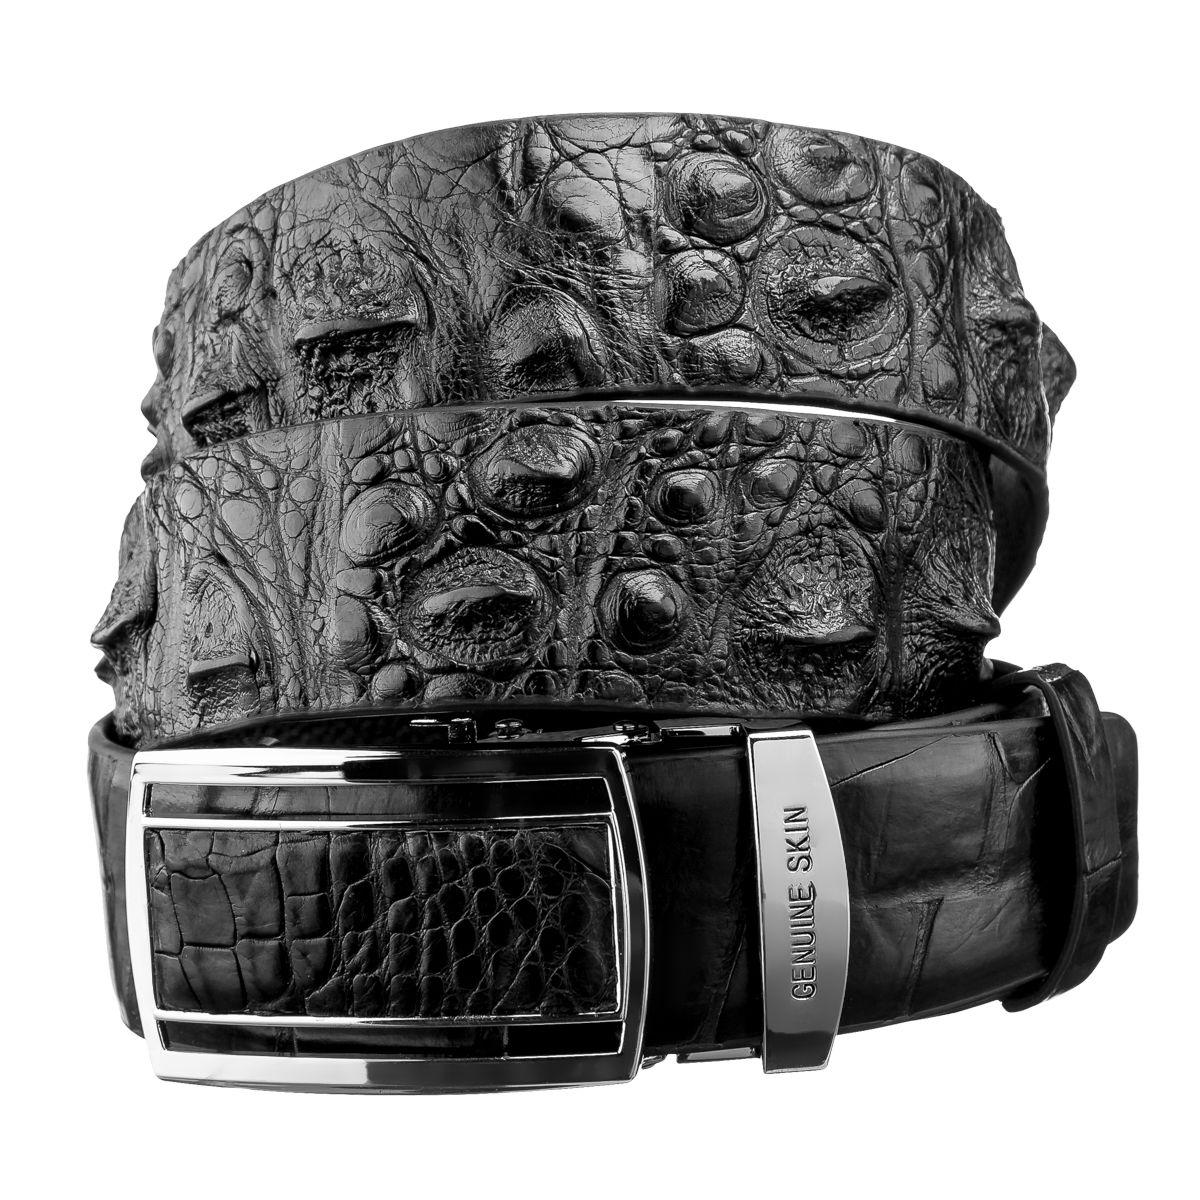 Ремень-Автомат Crocodile Leather 18239 Из Натуральной Кожи Крокодила Черный, Черный